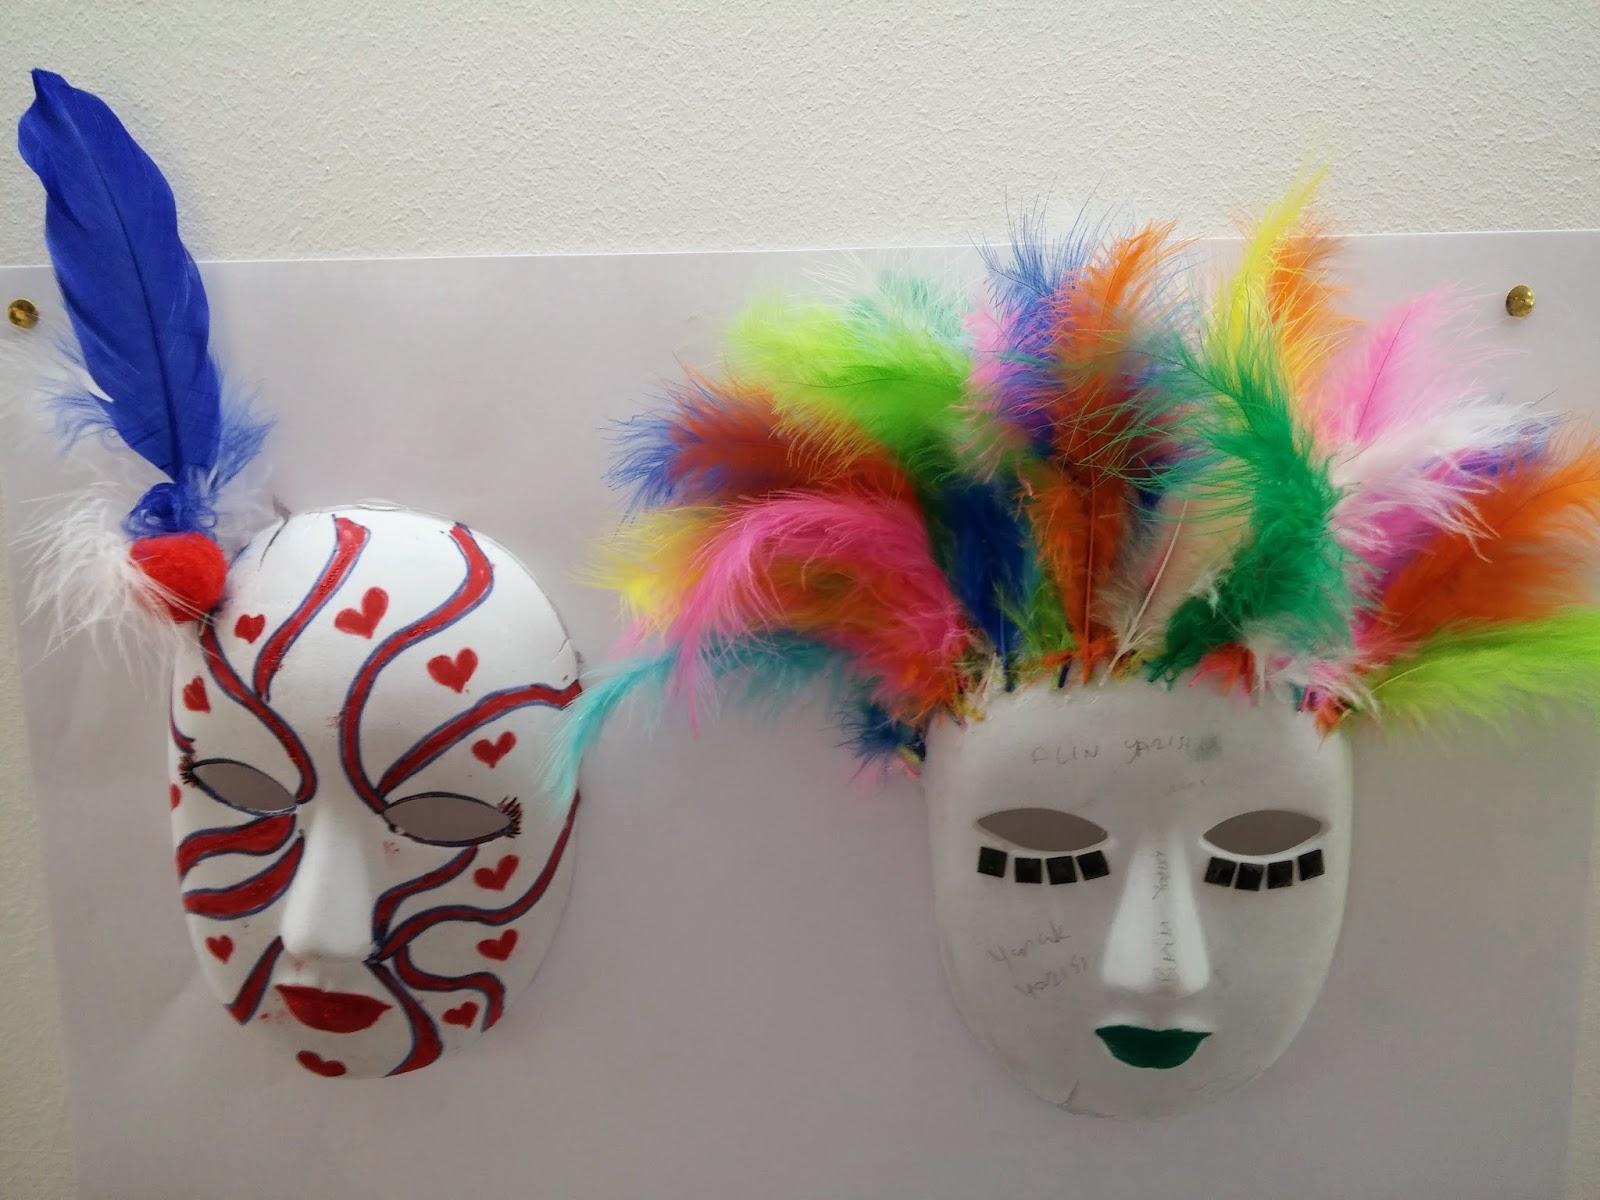 şimdiye Kadarki En Iyi Maske Boyama örnekleri 6 Sınıf Erkek